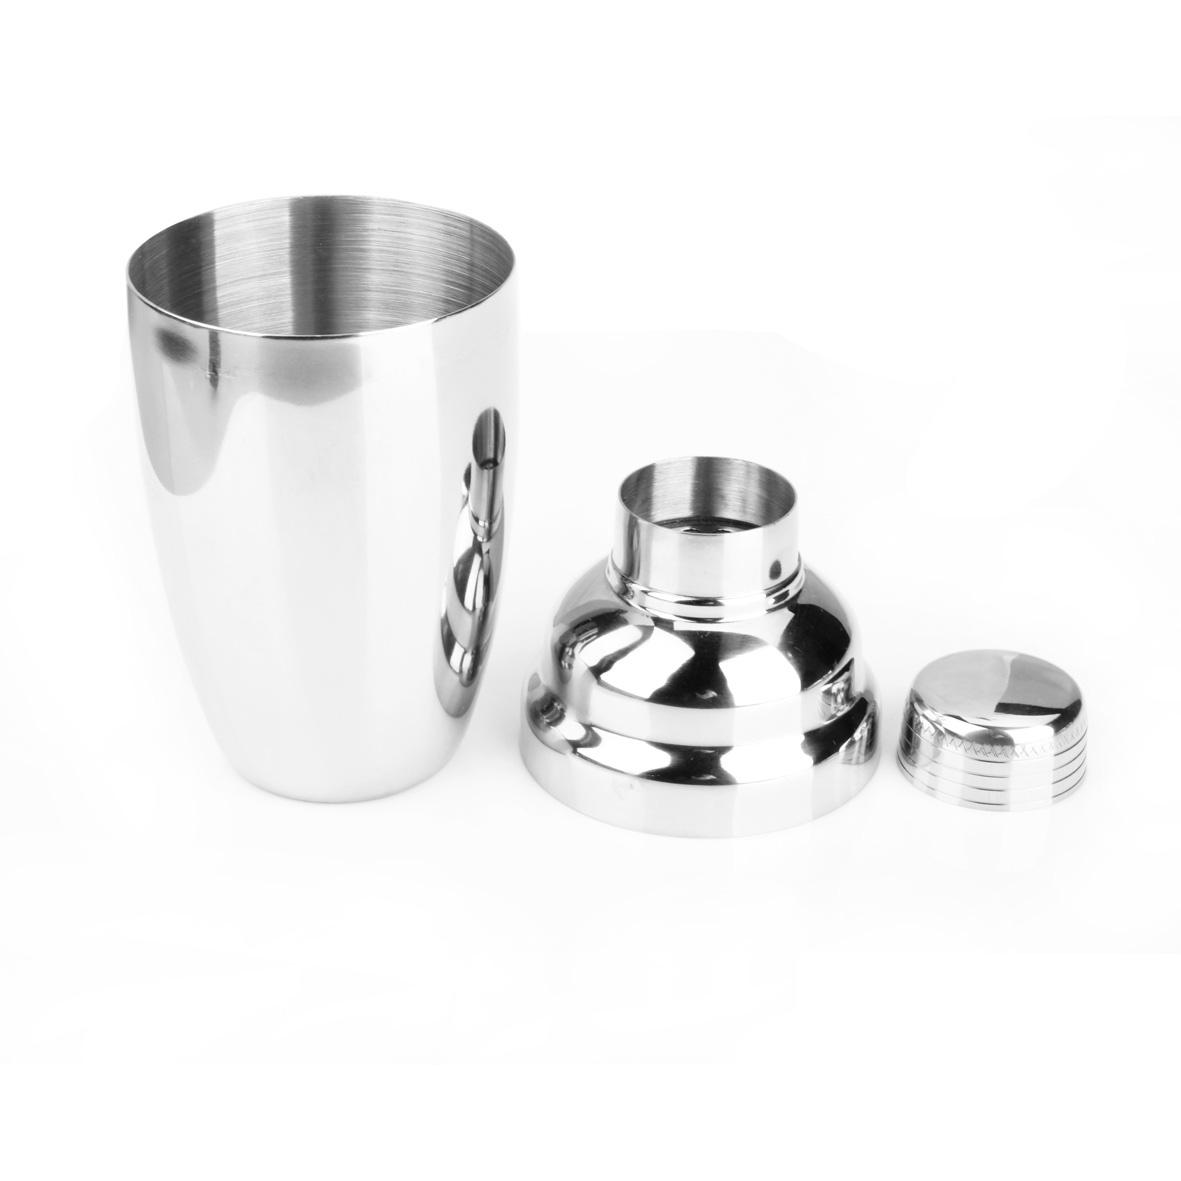 Bình lắc pha chế trà sữa và cocktail inox cao cấp size vừa PC01